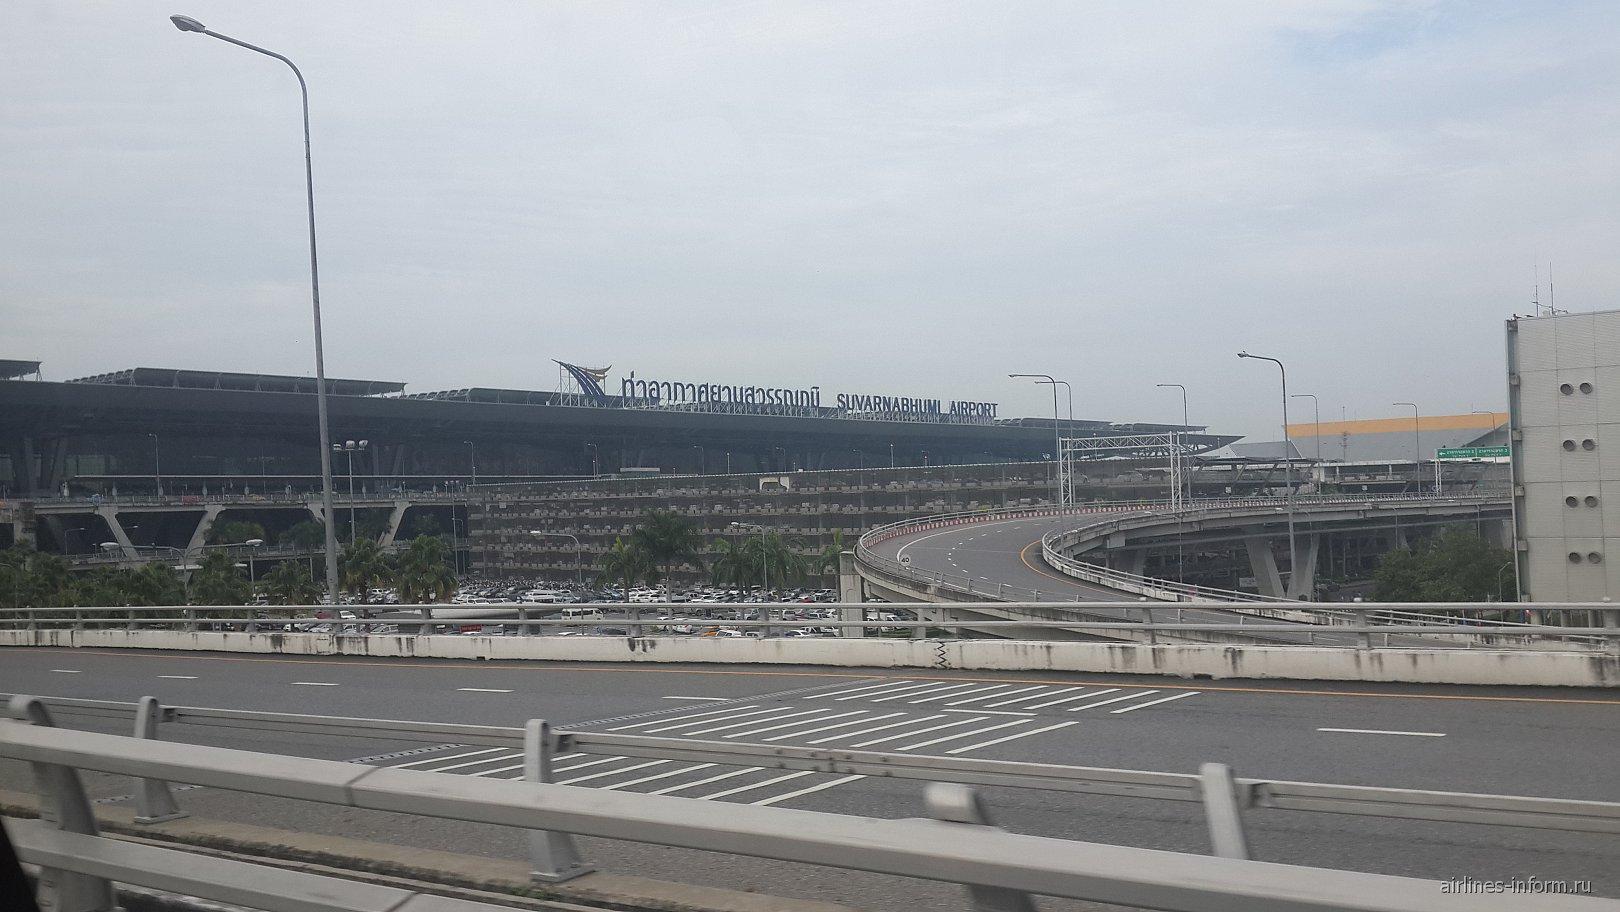 Пассажирский терминал аэропорта Бангкок Суварнабуми